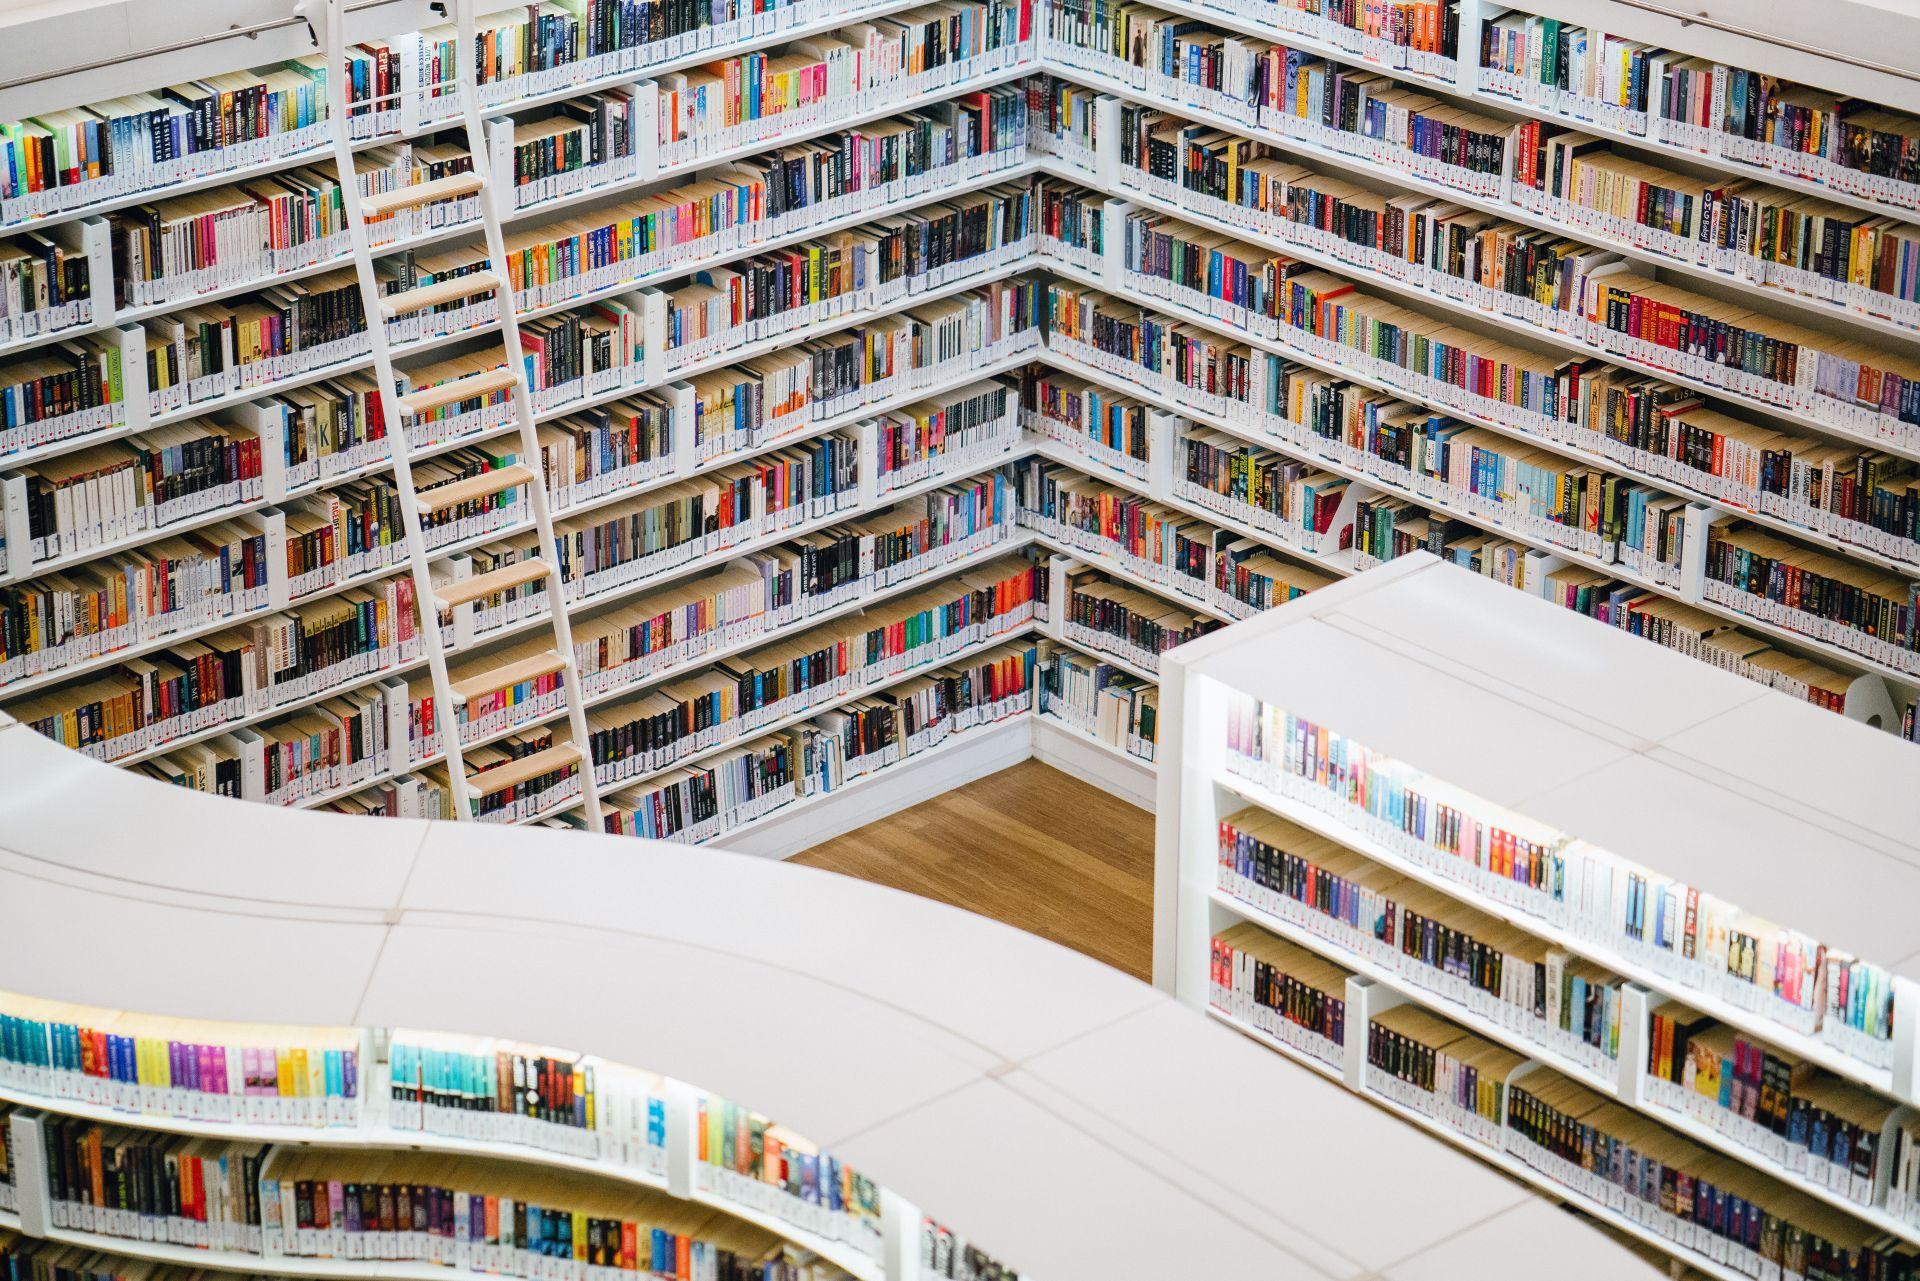 Czytnik ebooków to wiele książek w jednym urządzeniu